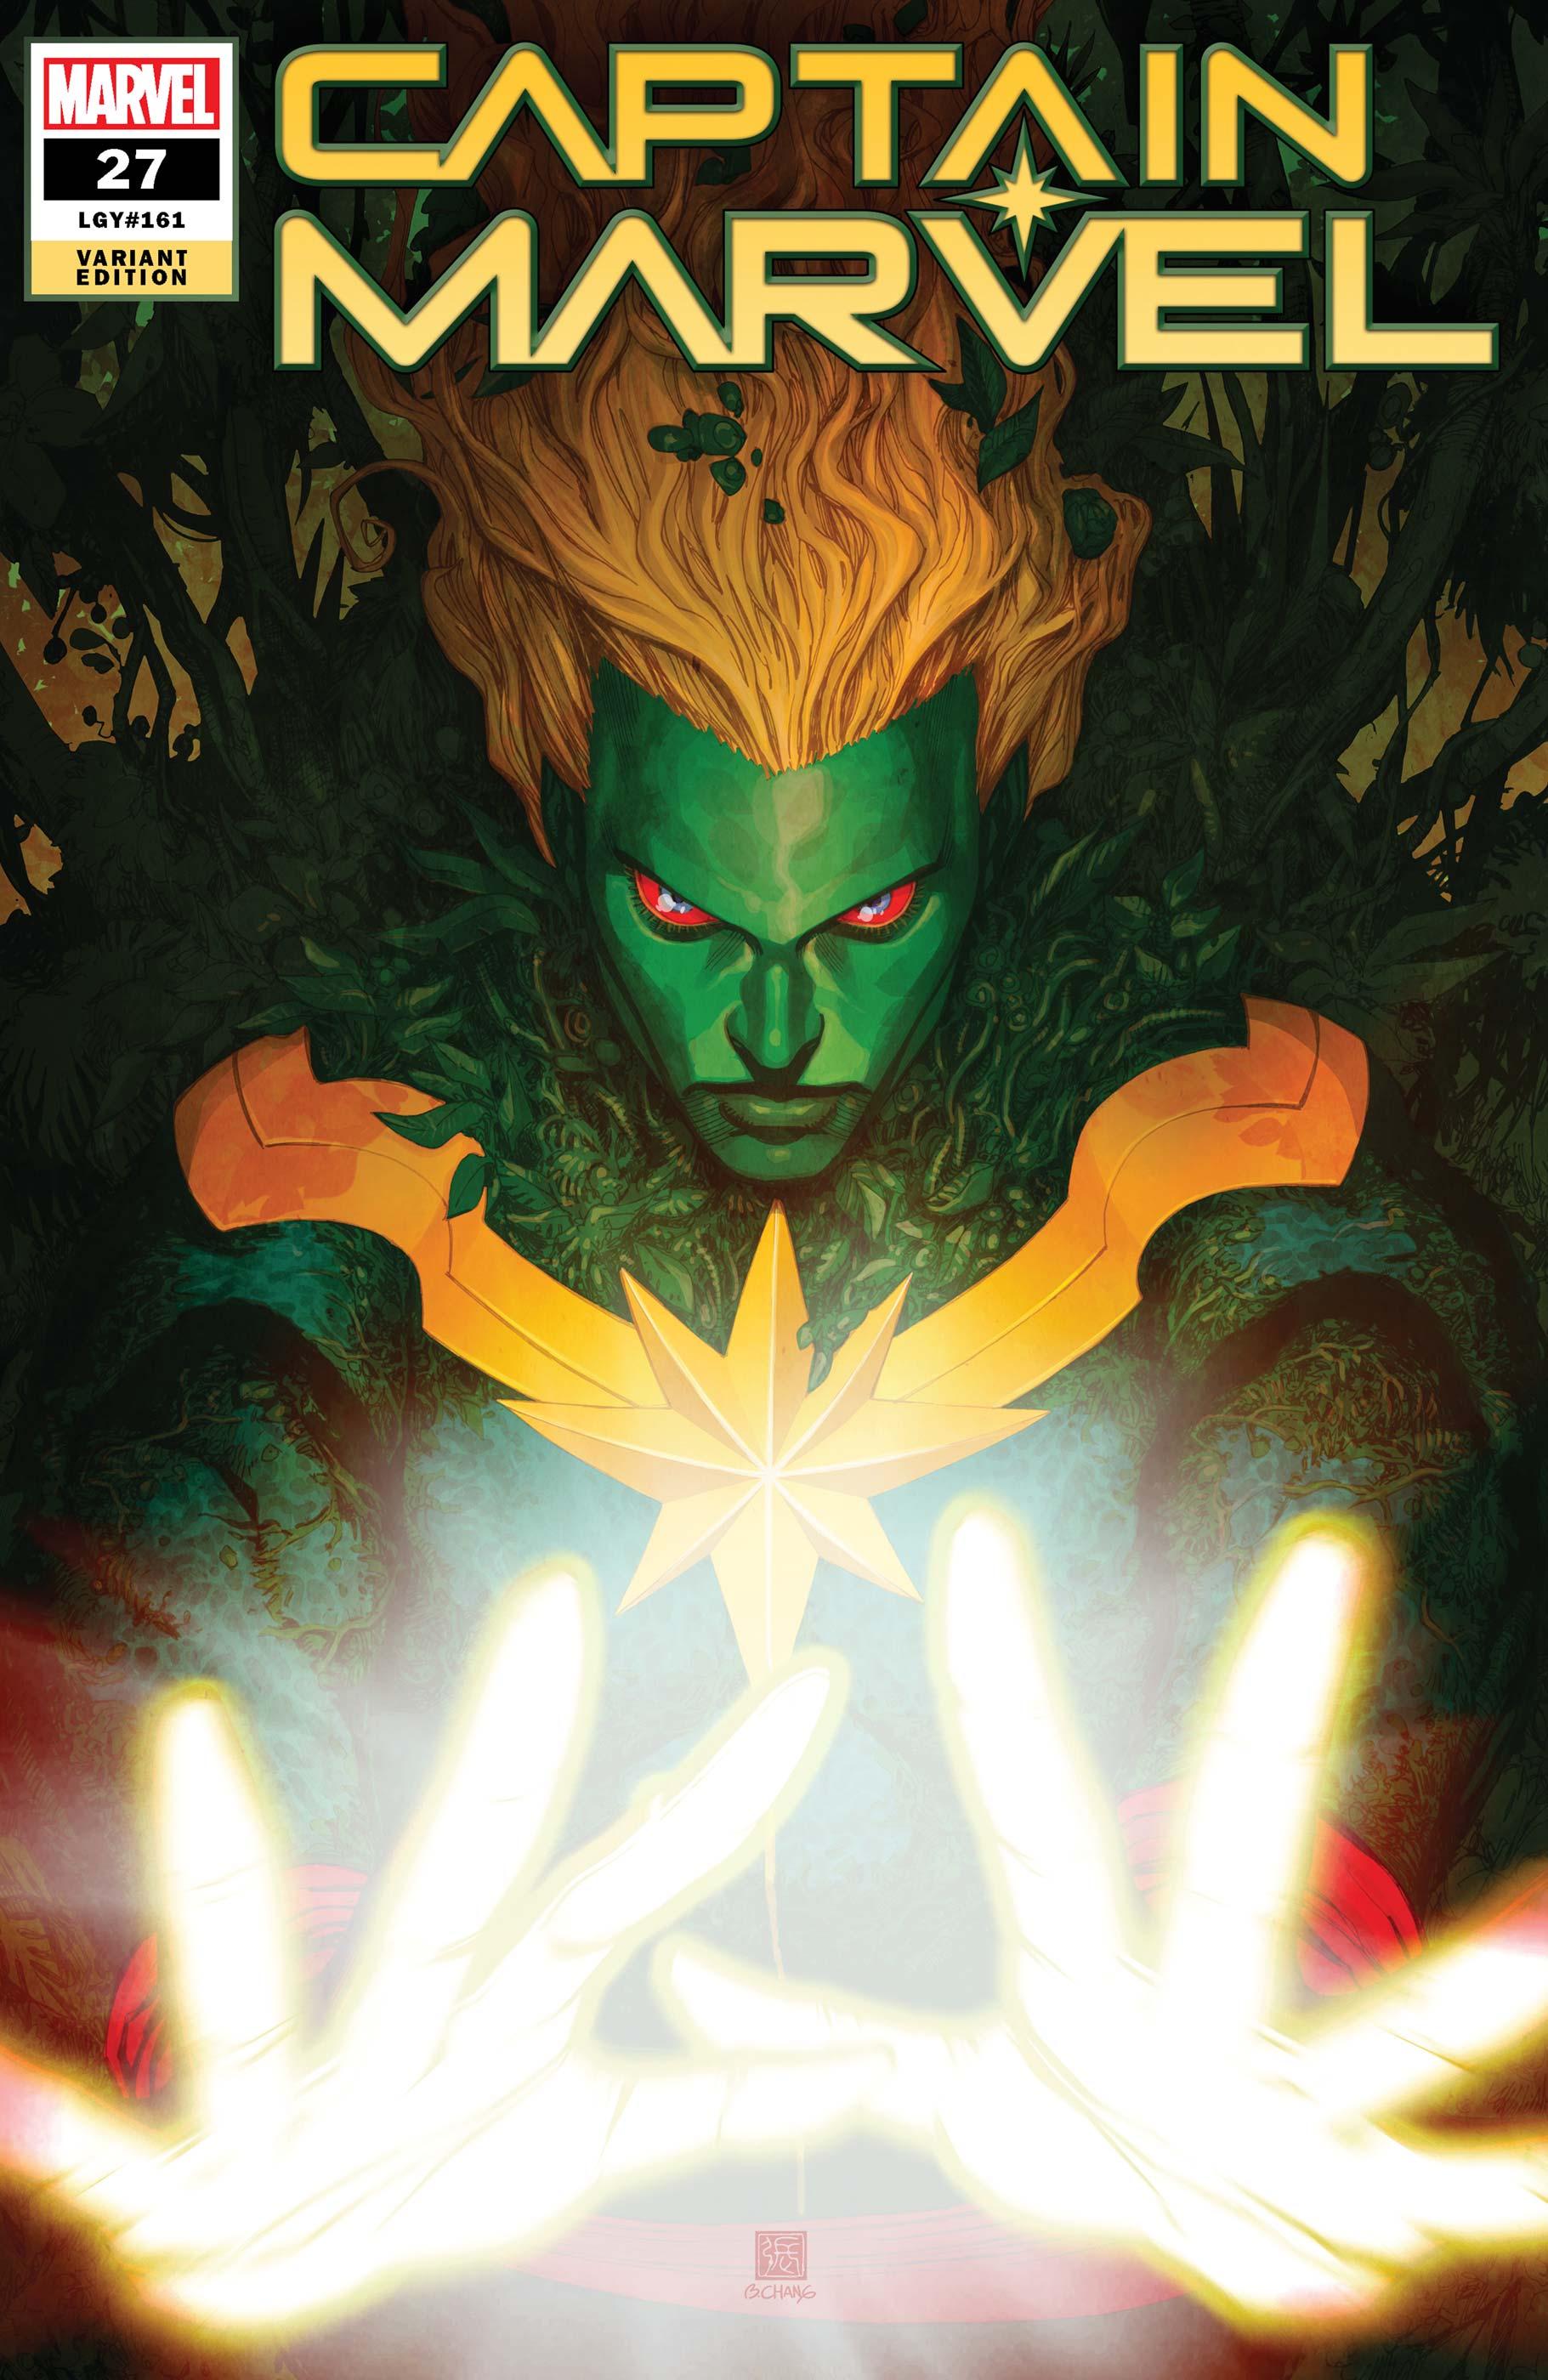 Captain Marvel (2019) #27 (Variant)